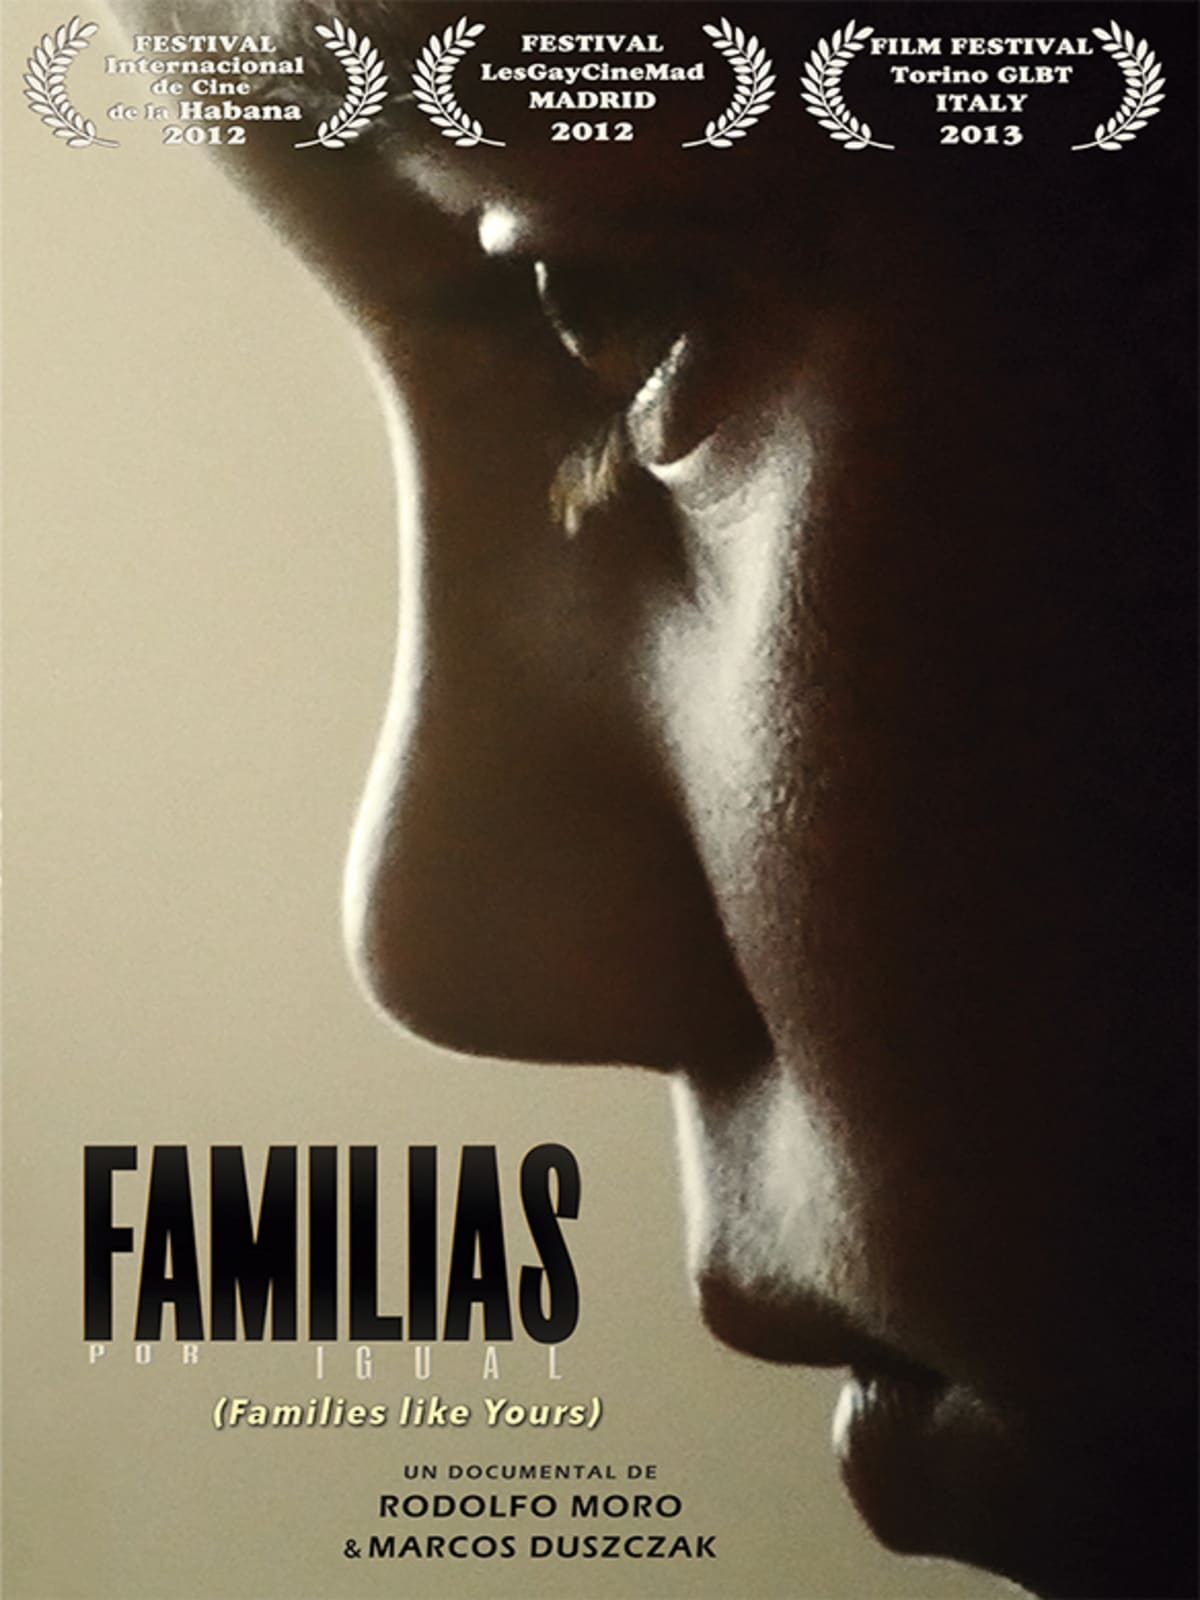 Familias por igual - Viernes 4 de setiembre